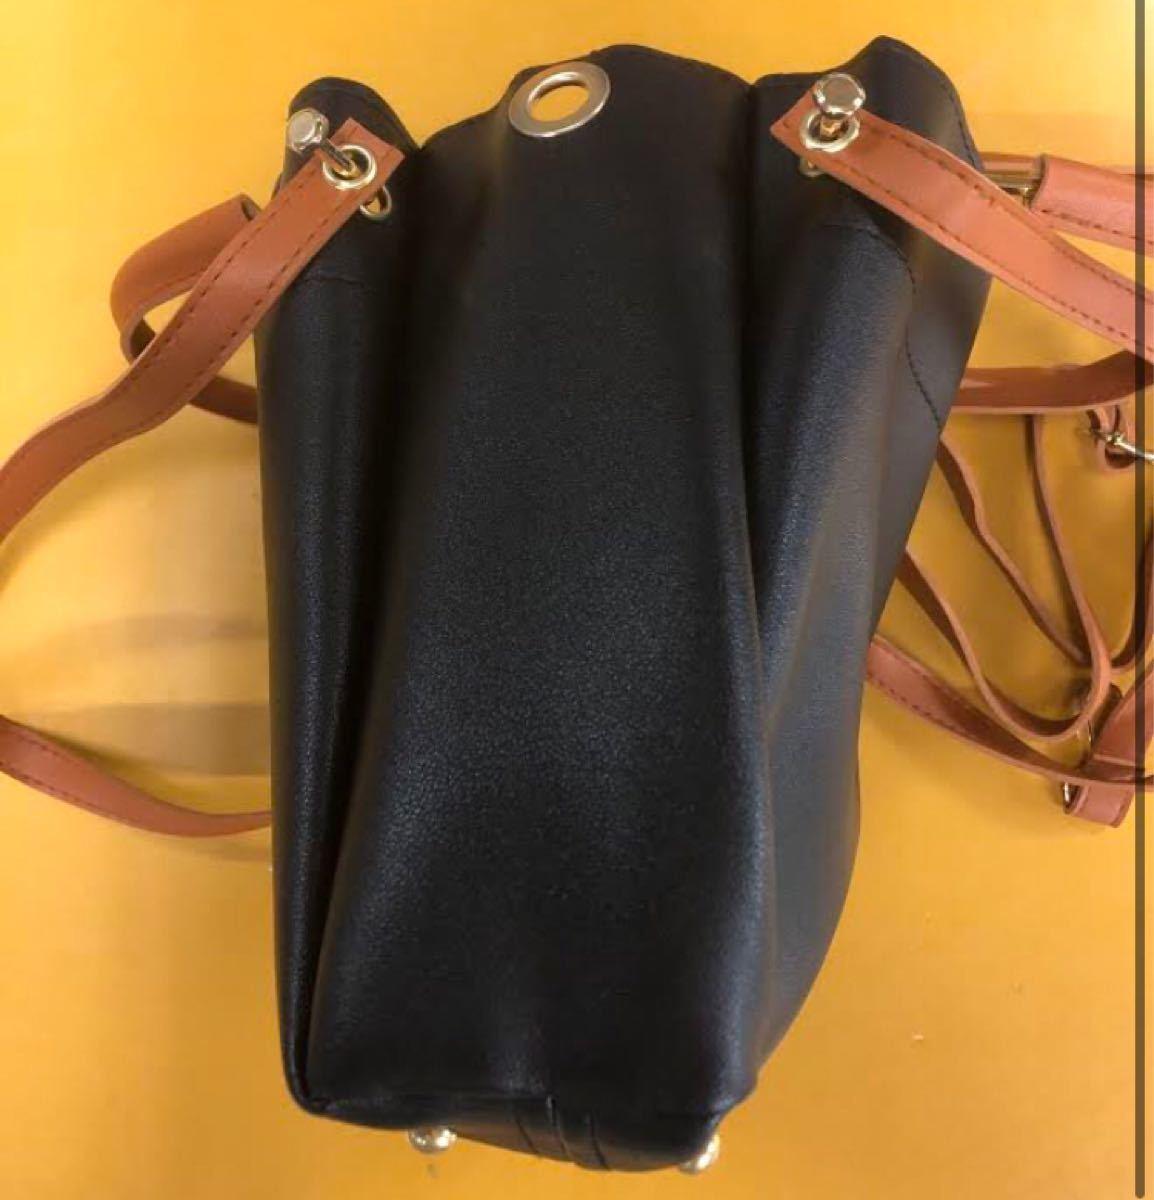 トートバッグ 2way ハンドバッグ ショルダーバッグ 2wayバッグ 保存袋 ブラック オフィスバック おしゃれ 綺麗